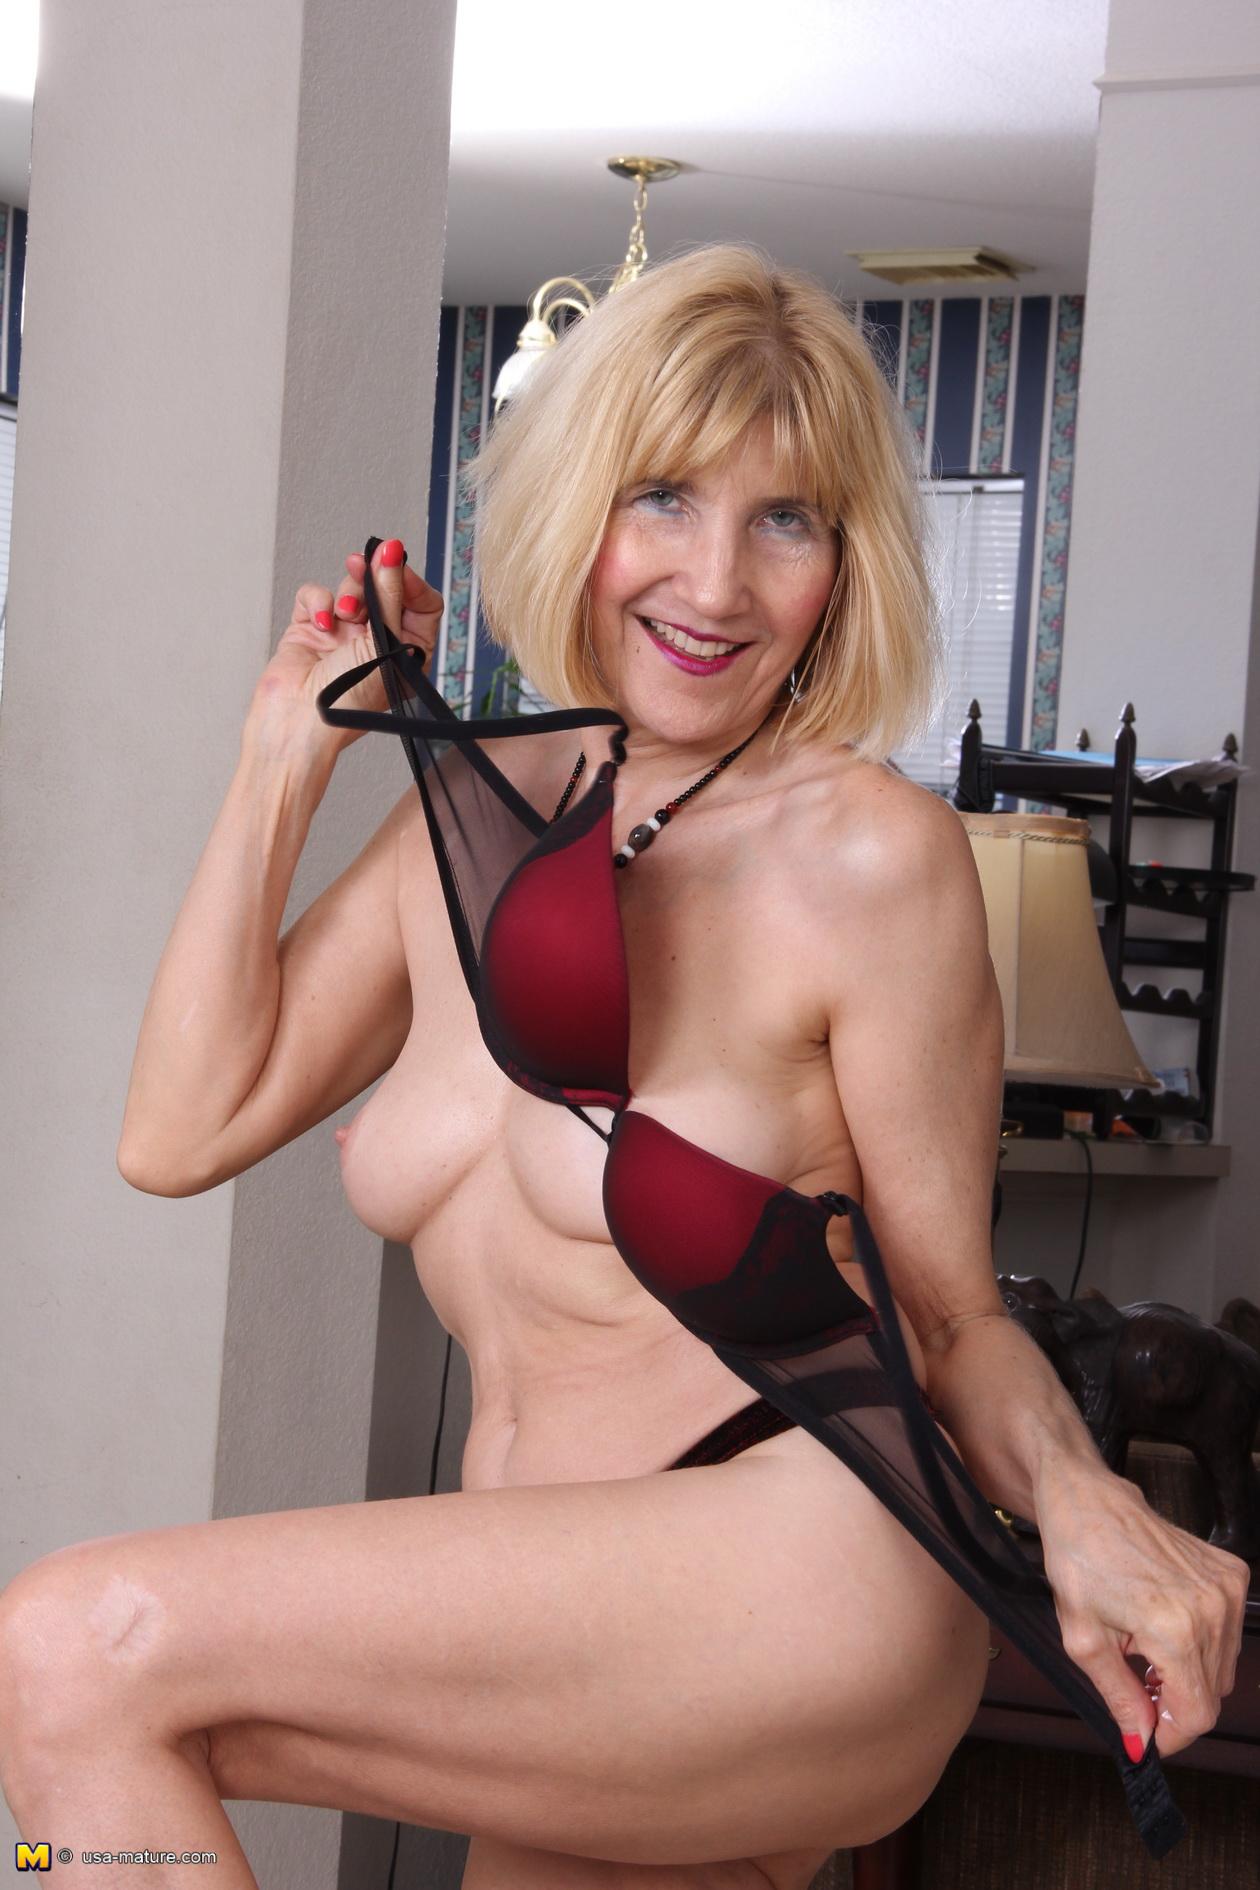 Big breast brunette model